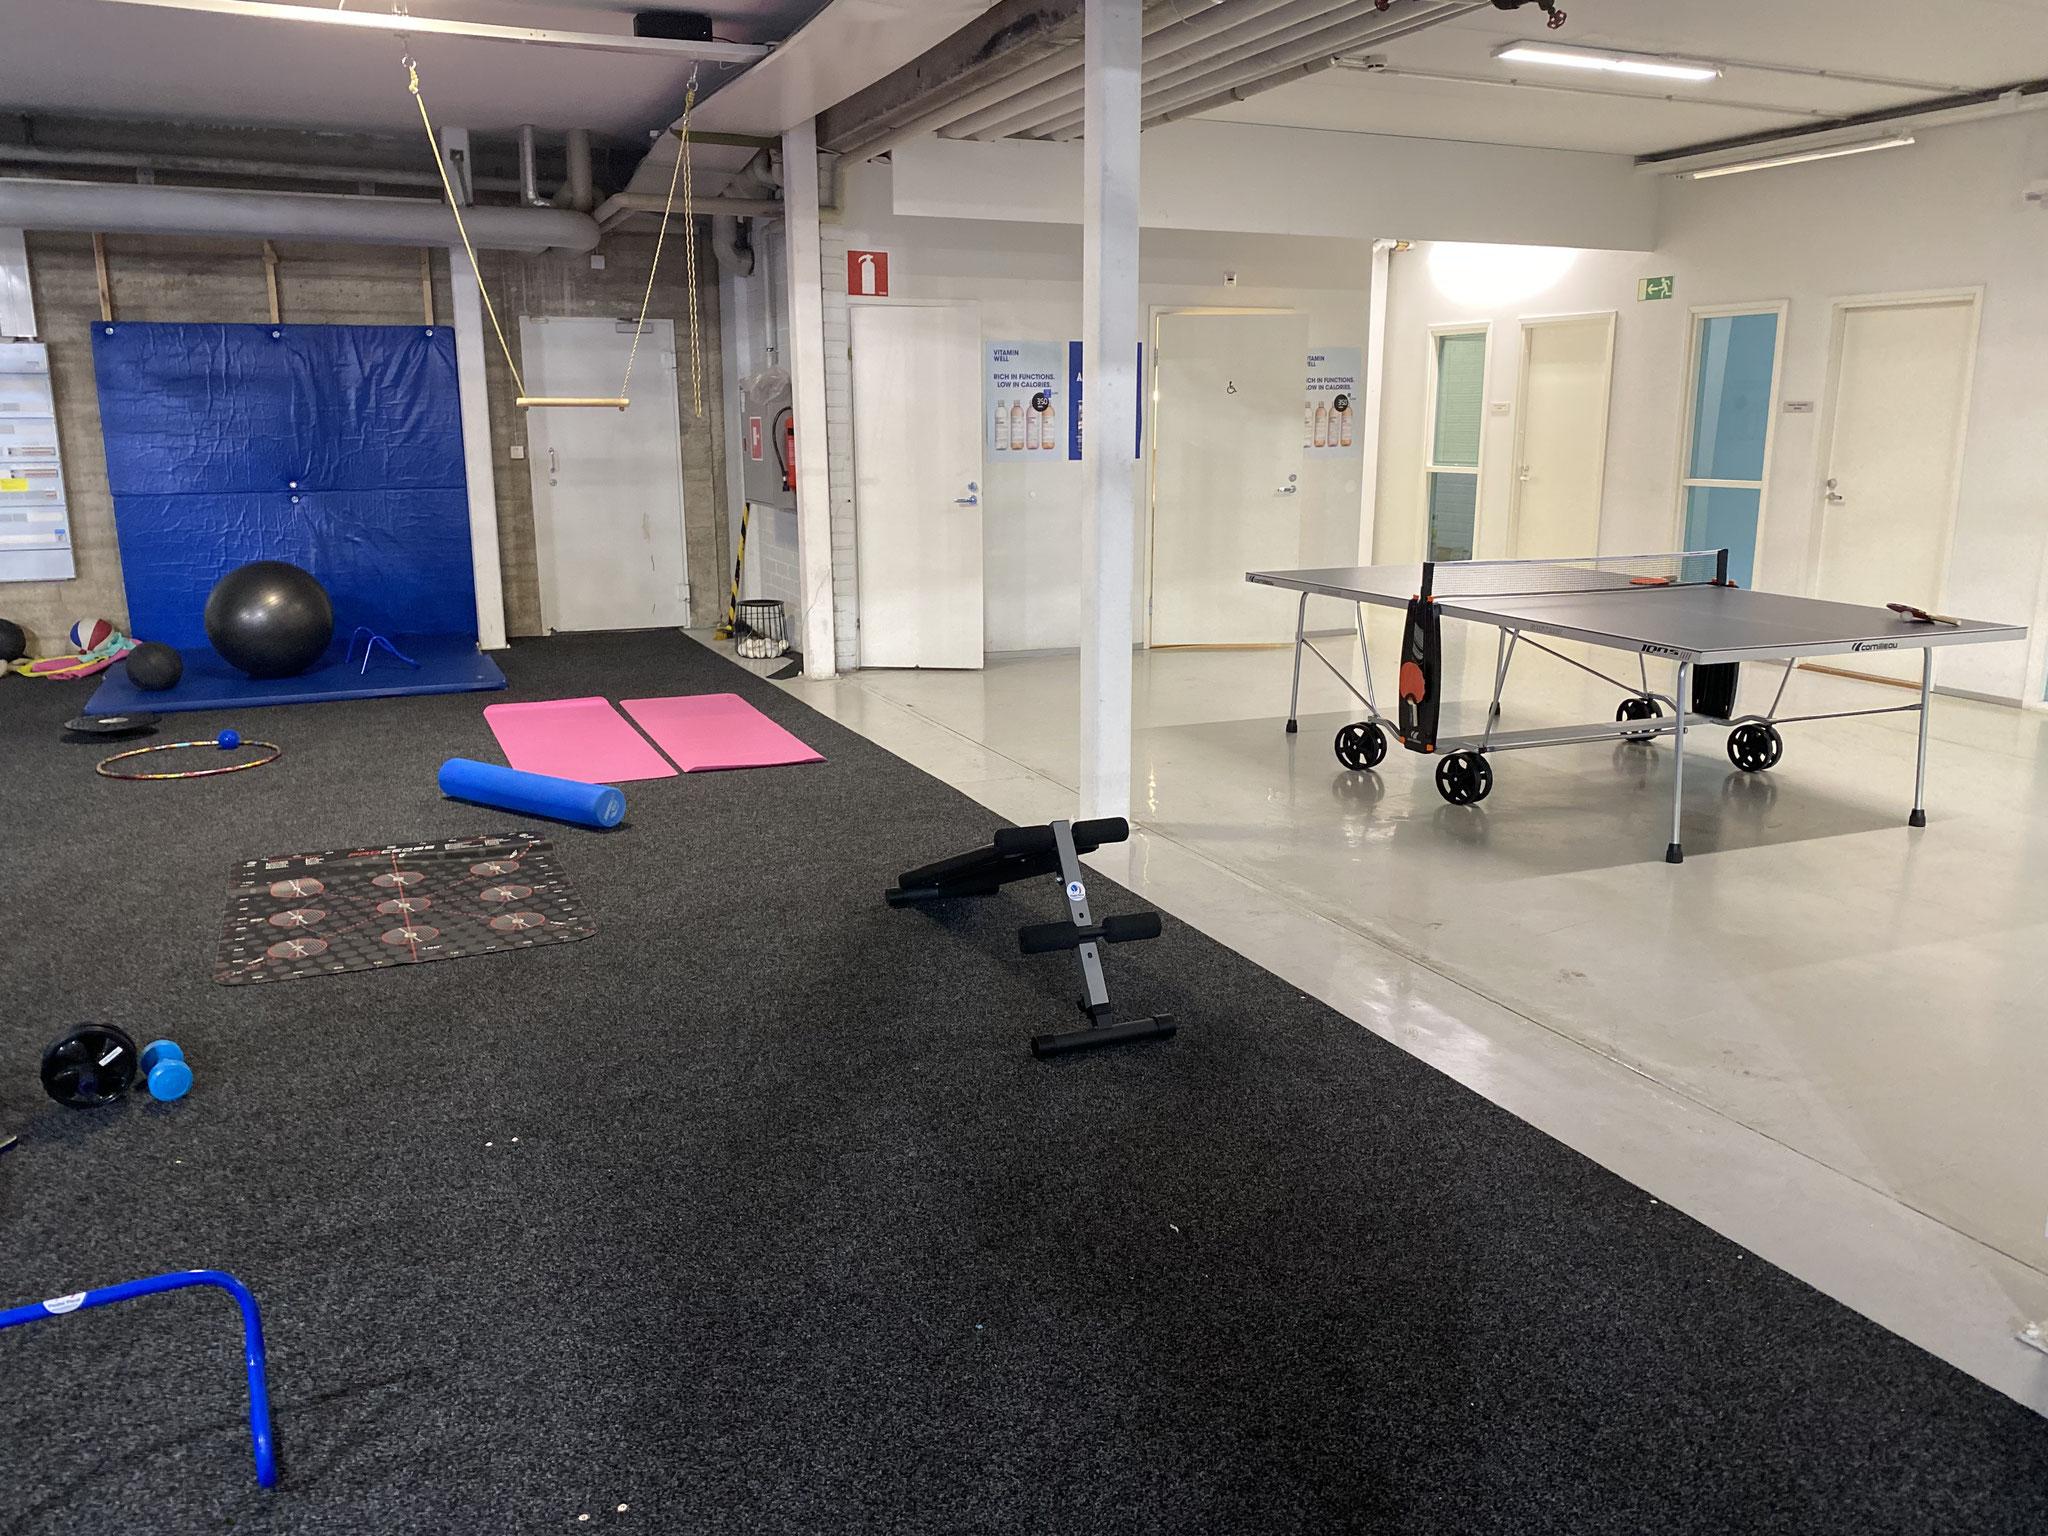 Har du lite yta över? Varför inte ett pingisbord och/eller en mindre CrossFit-avdelning (Padel Park, Åbo)